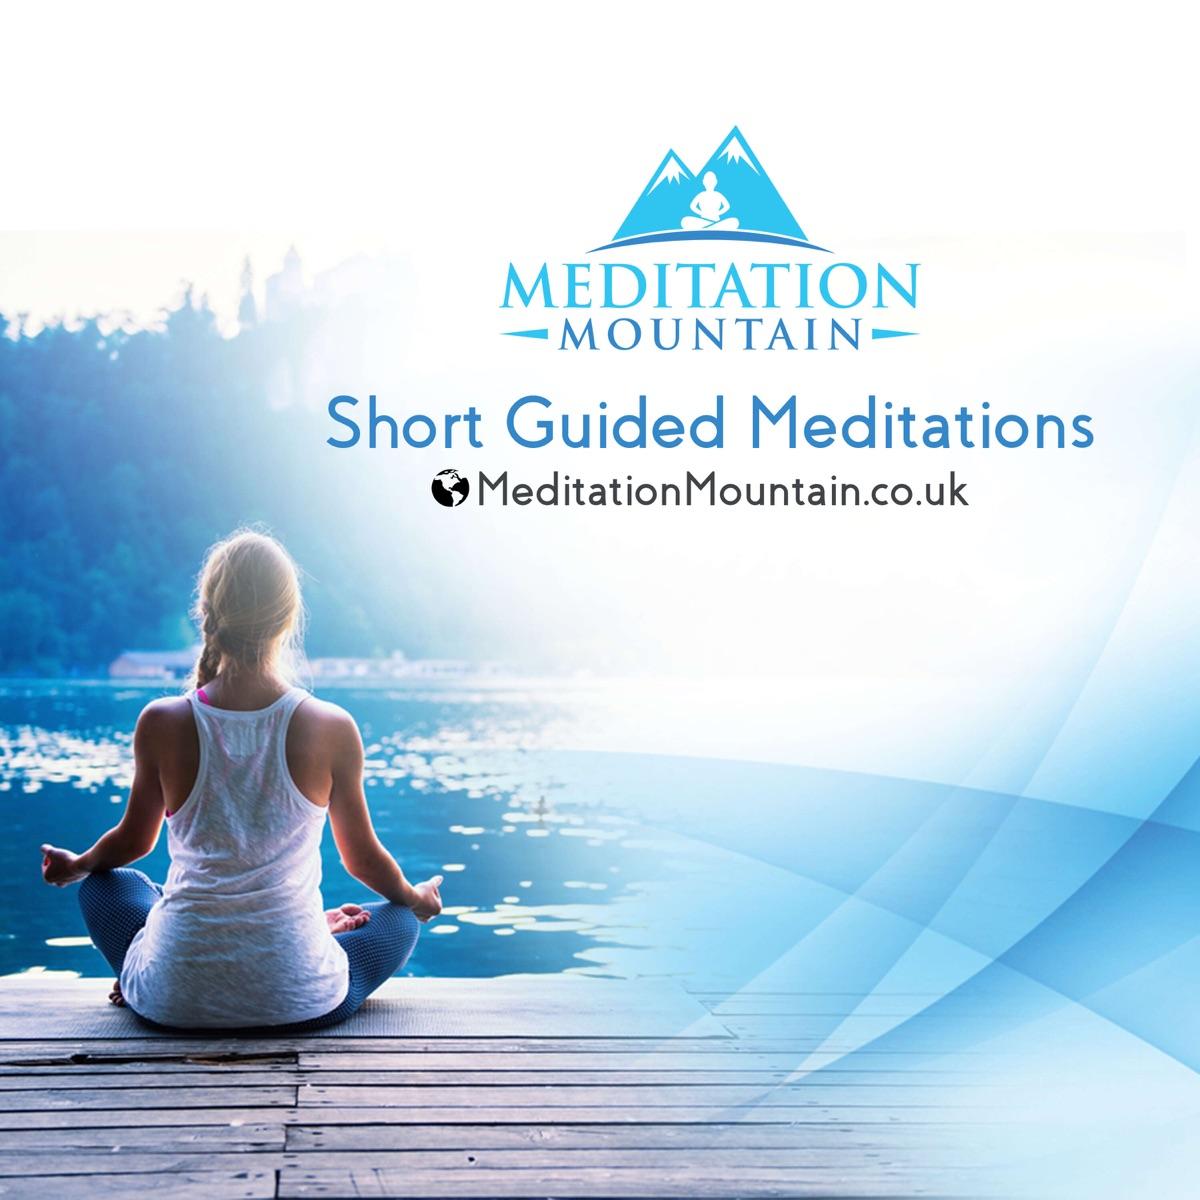 Meditation Mountain